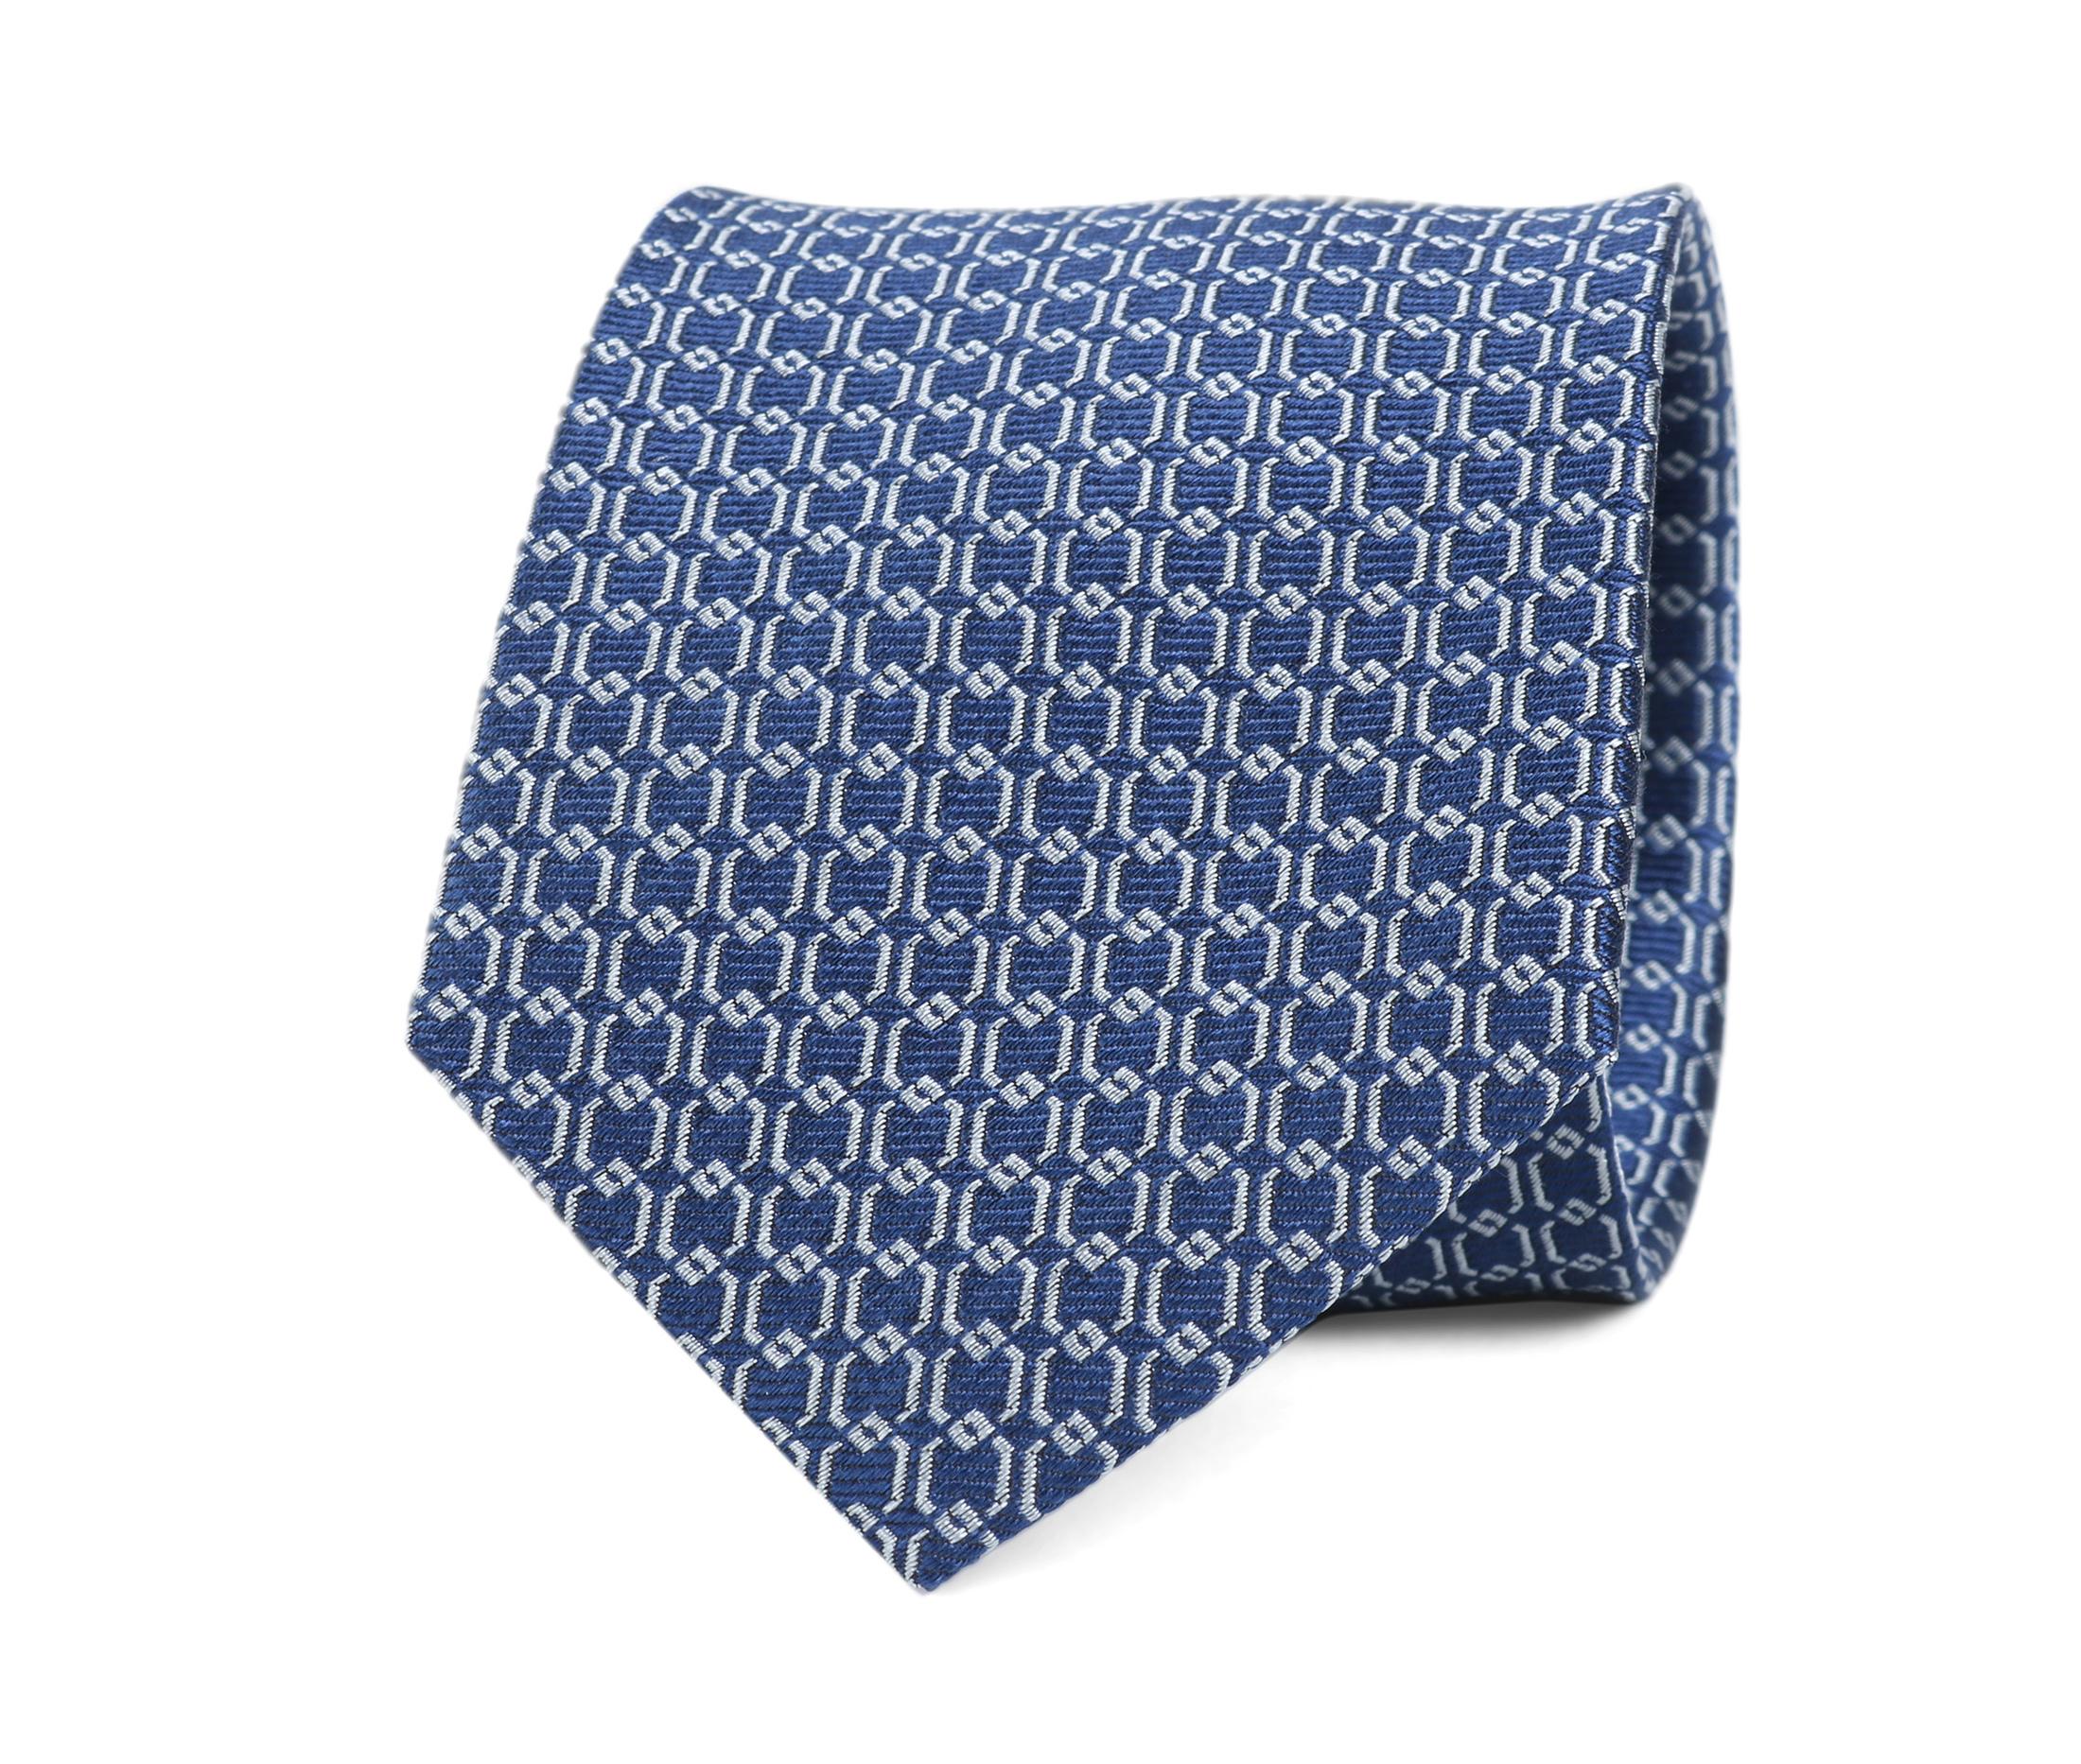 Krawatte Seide Dessin Blau Gitter foto 0